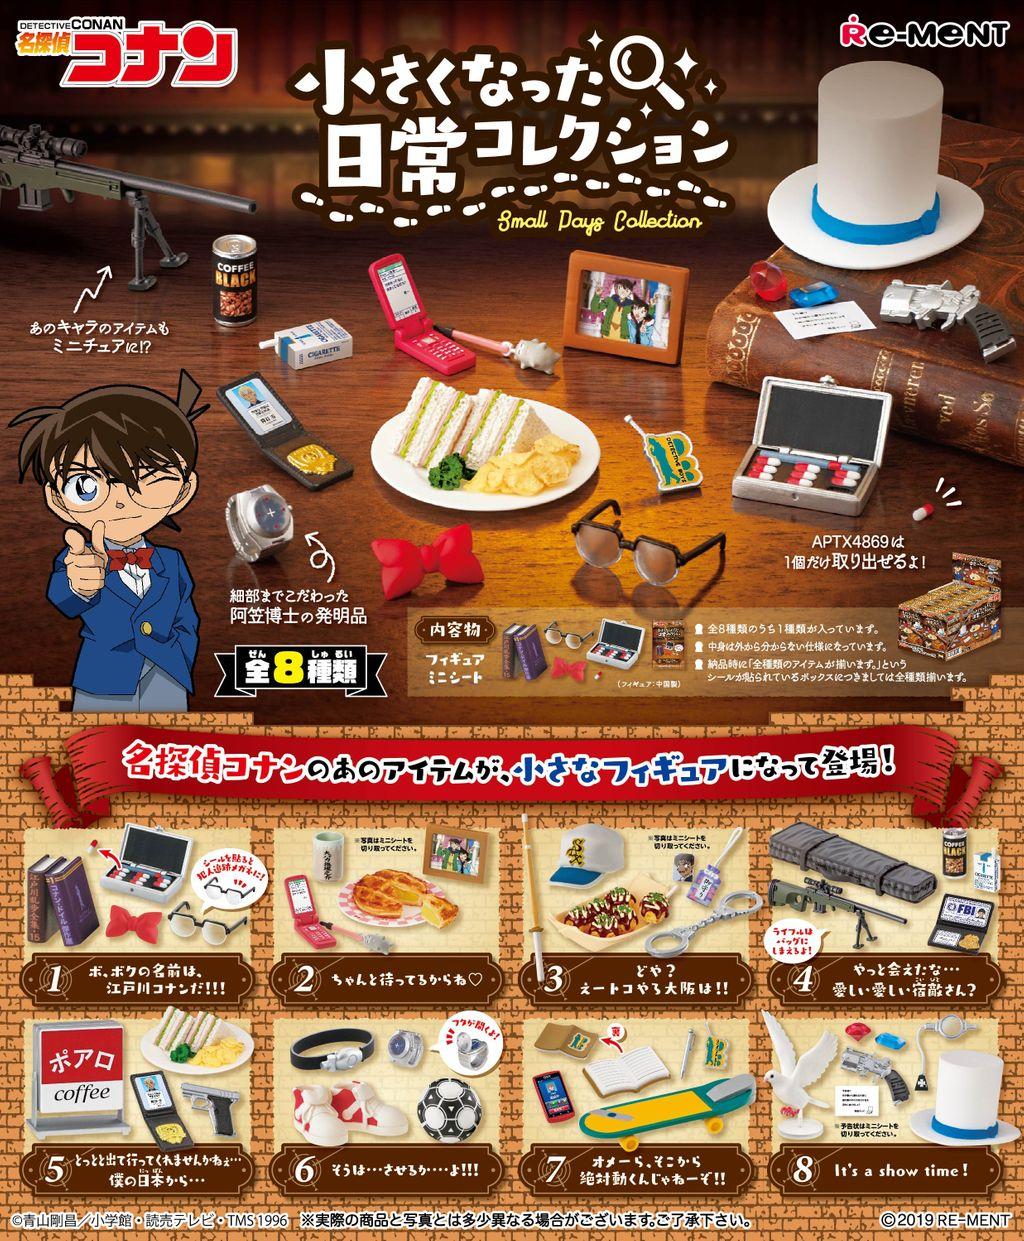 名探偵コナン『小さくなった日常コレクション』8個入りBOX-001